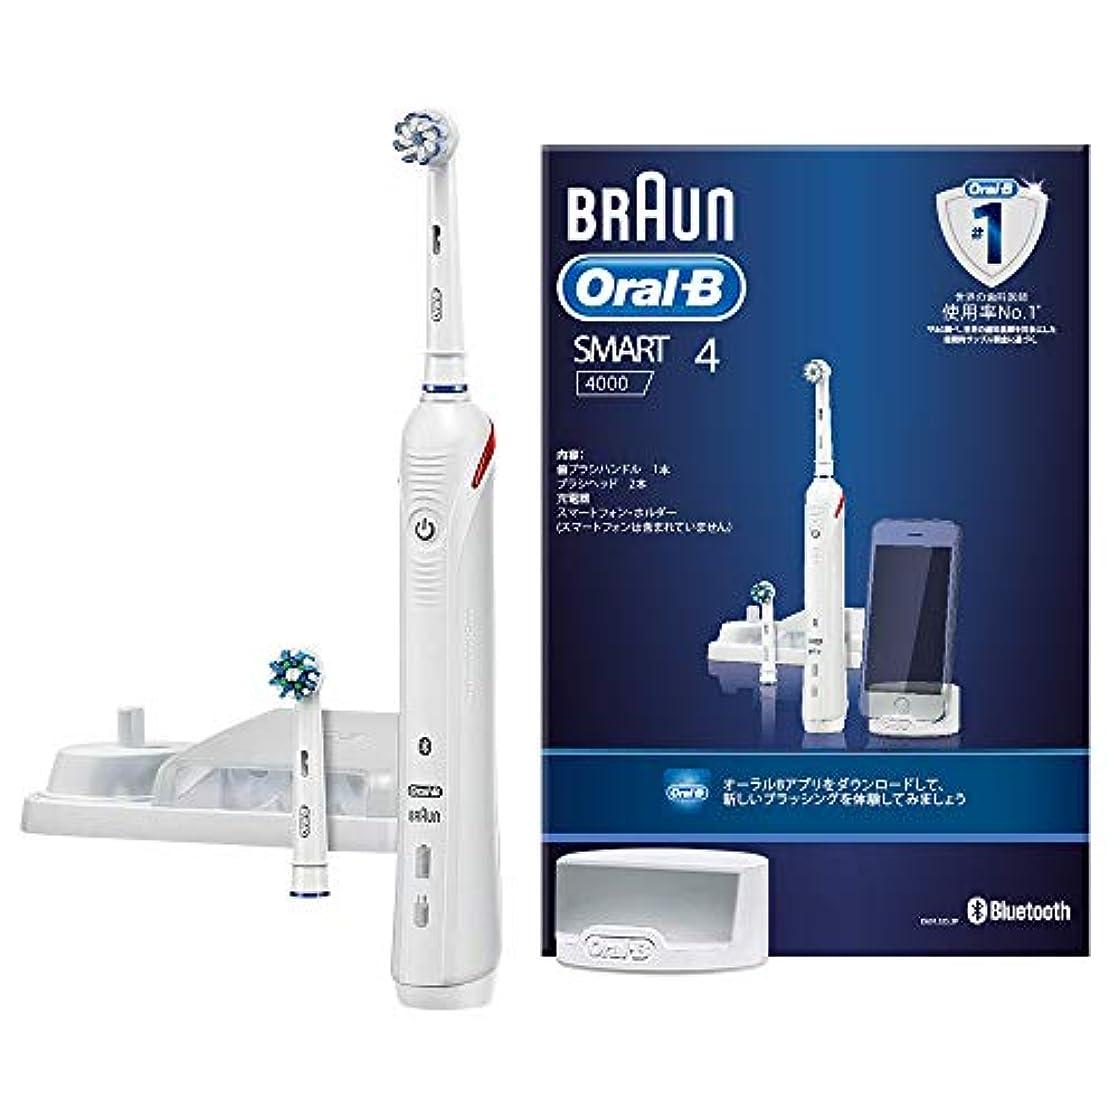 検査官ラフ何故なのブラウン オーラルB 電動歯ブラシ スマート4000 D6015253P